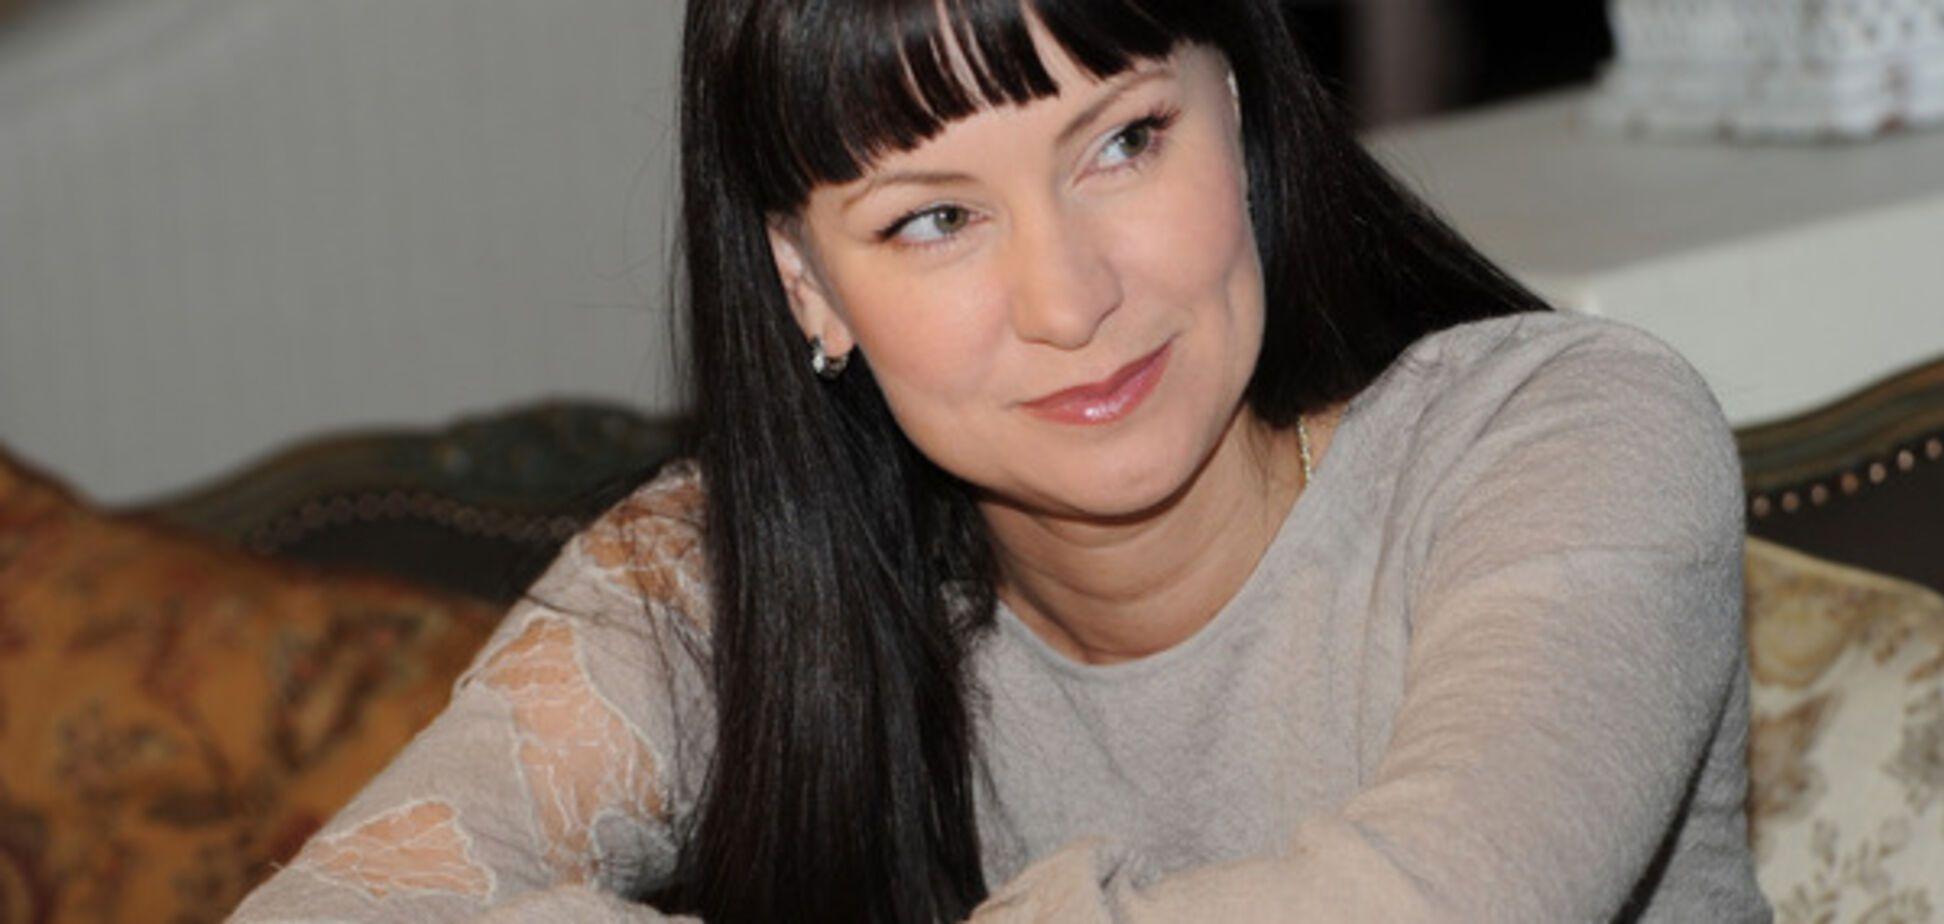 'На все воля Божья!' Российская звезда решила прорваться в Одессу вопреки угрозам националистов